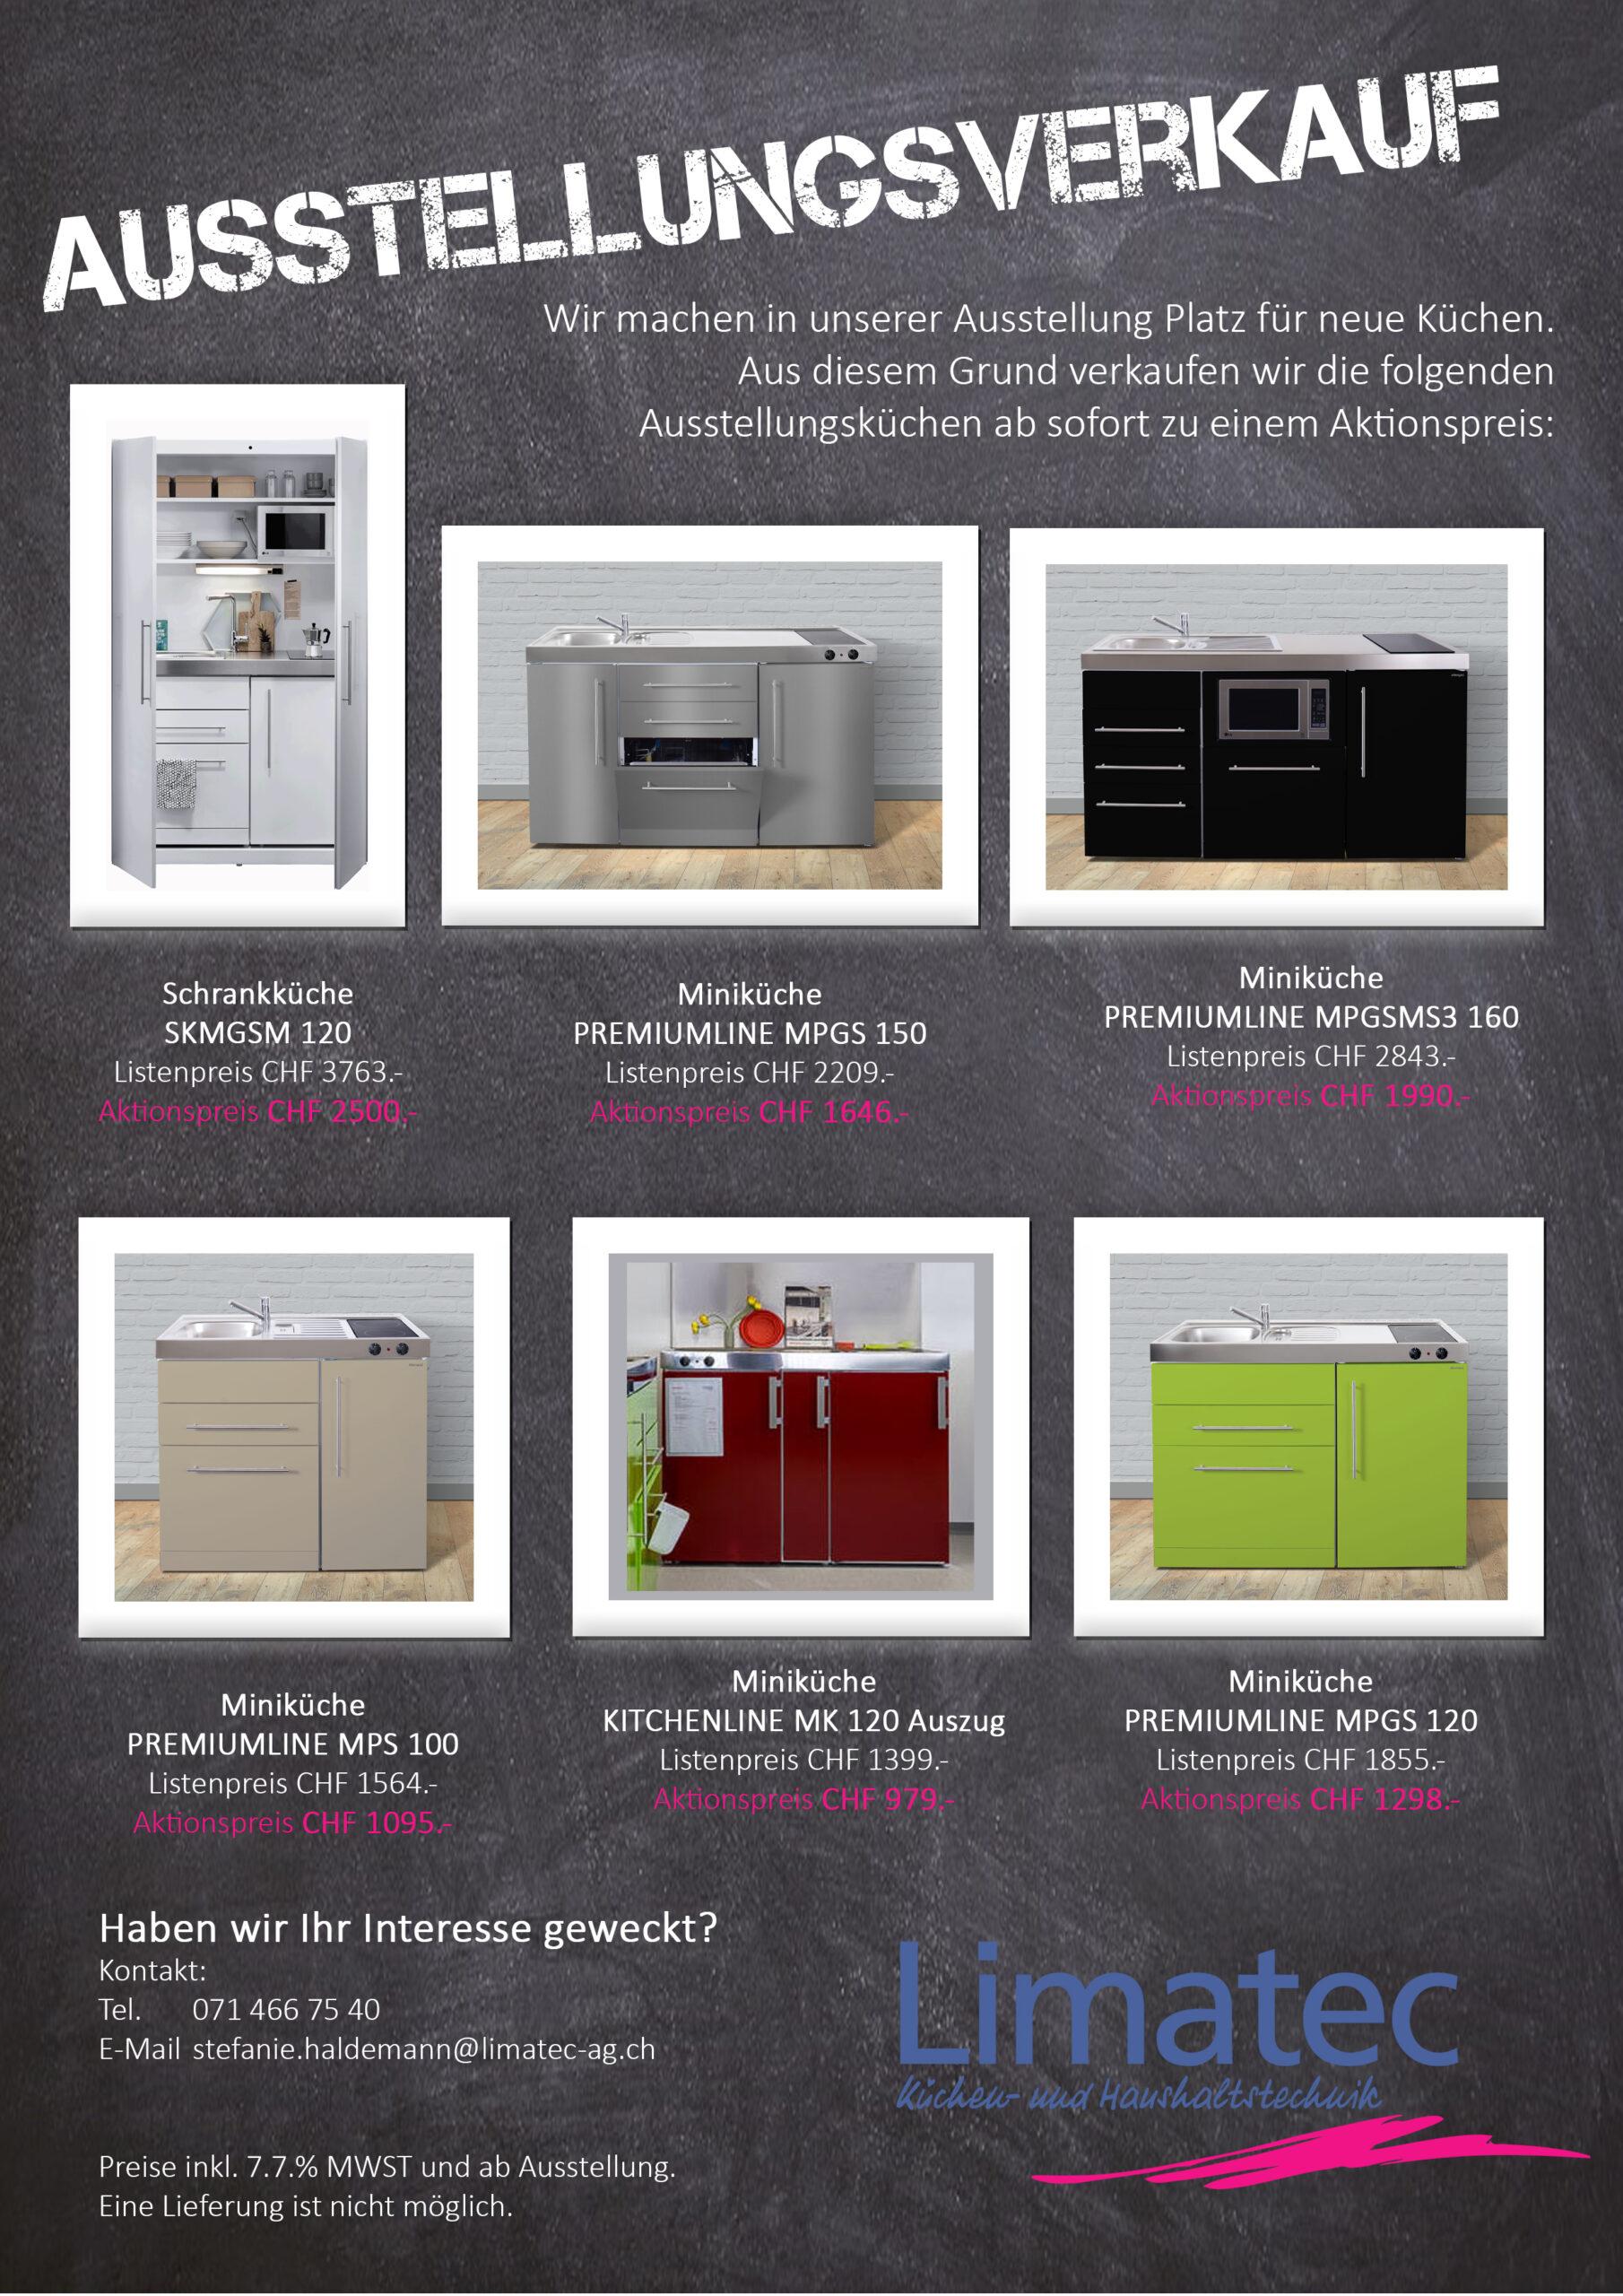 Full Size of Minikchen Singlekchen Gnstig Online Kaufen Limatec Wohnzimmer Miniküchen